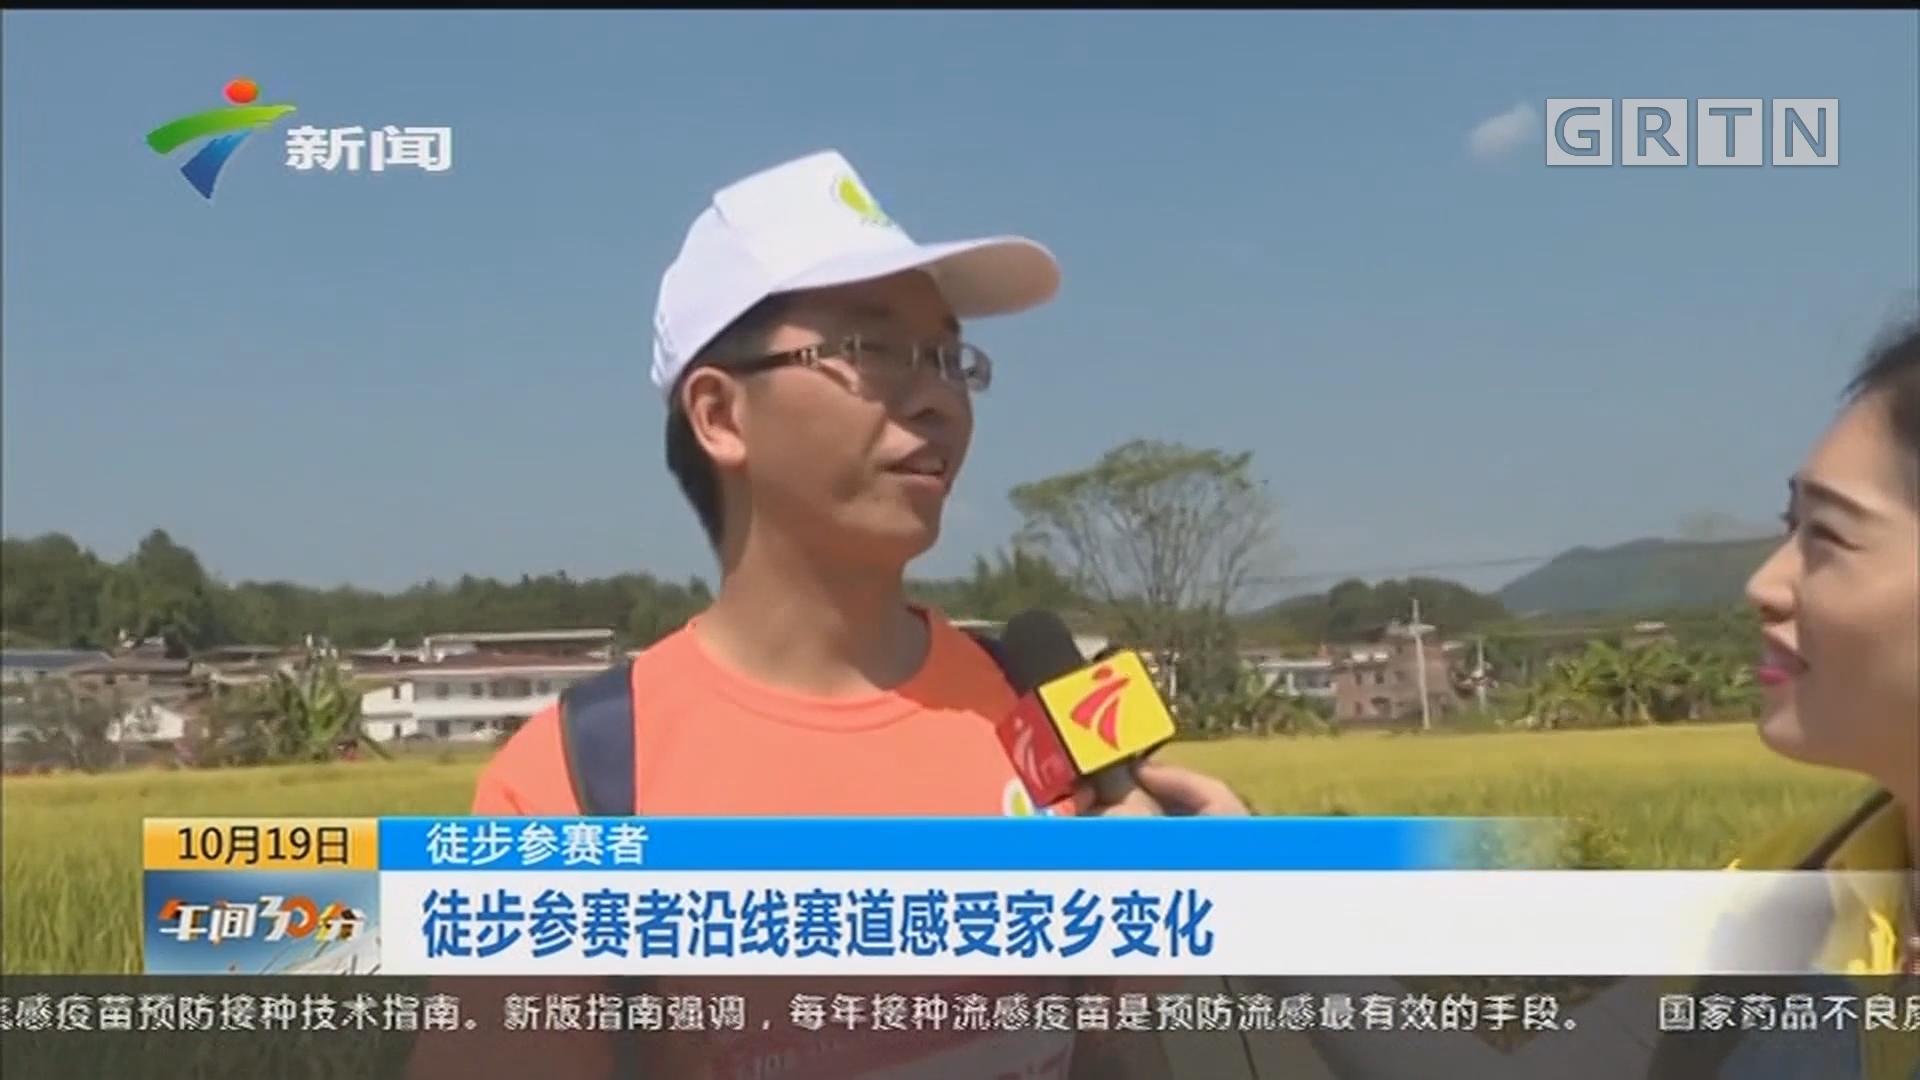 第十届北京国际山地徒步大会梅州平远站今天开走